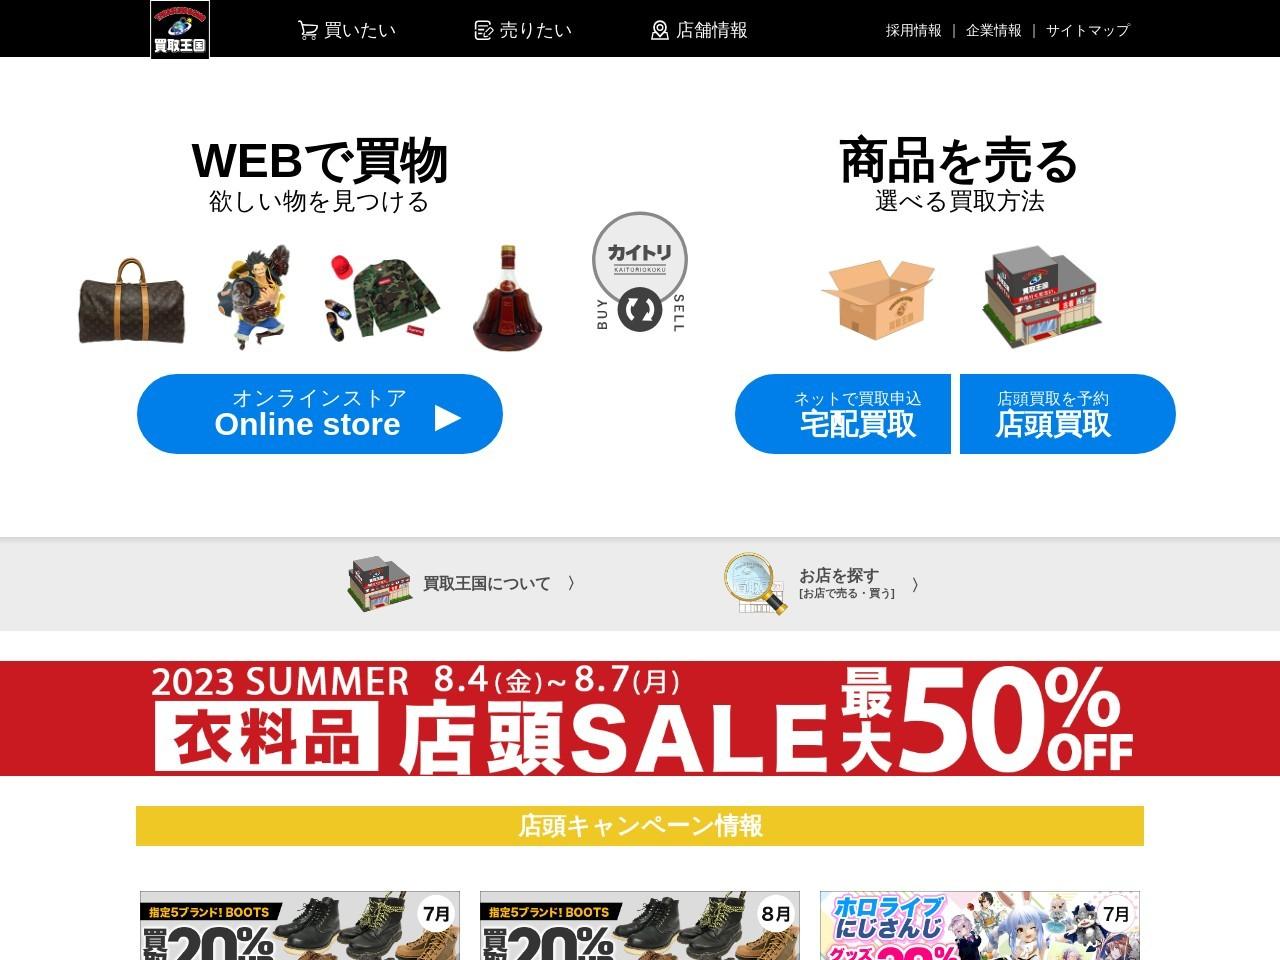 古着・おもちゃ 売るのも買うのも『買取王国』名古屋 三重 岐阜 大阪 中古リサイクル